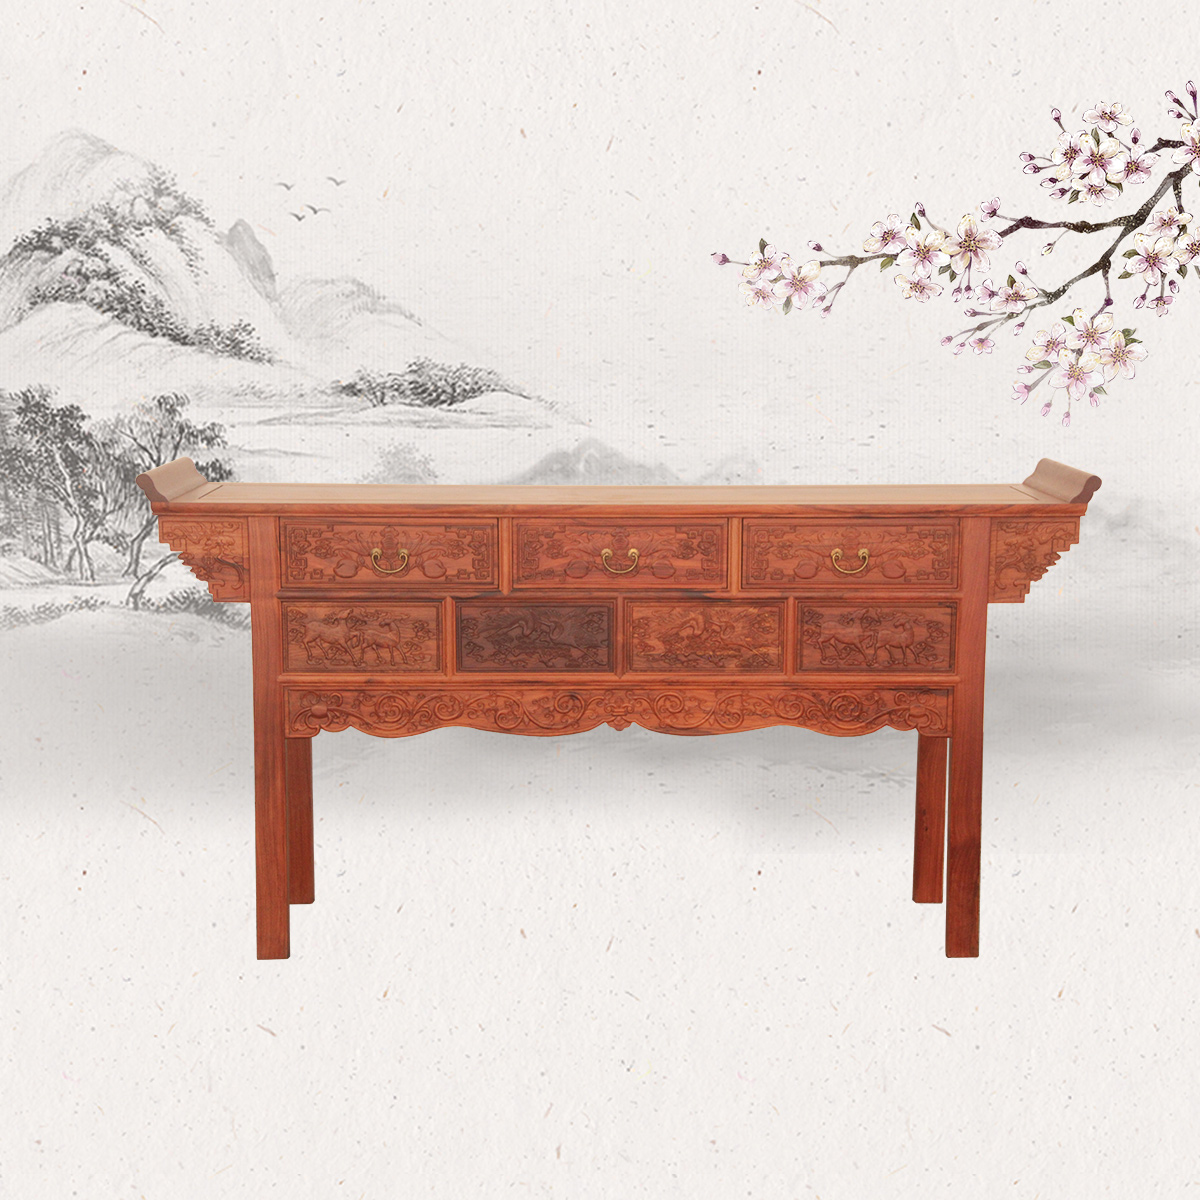 中式五斗供桌